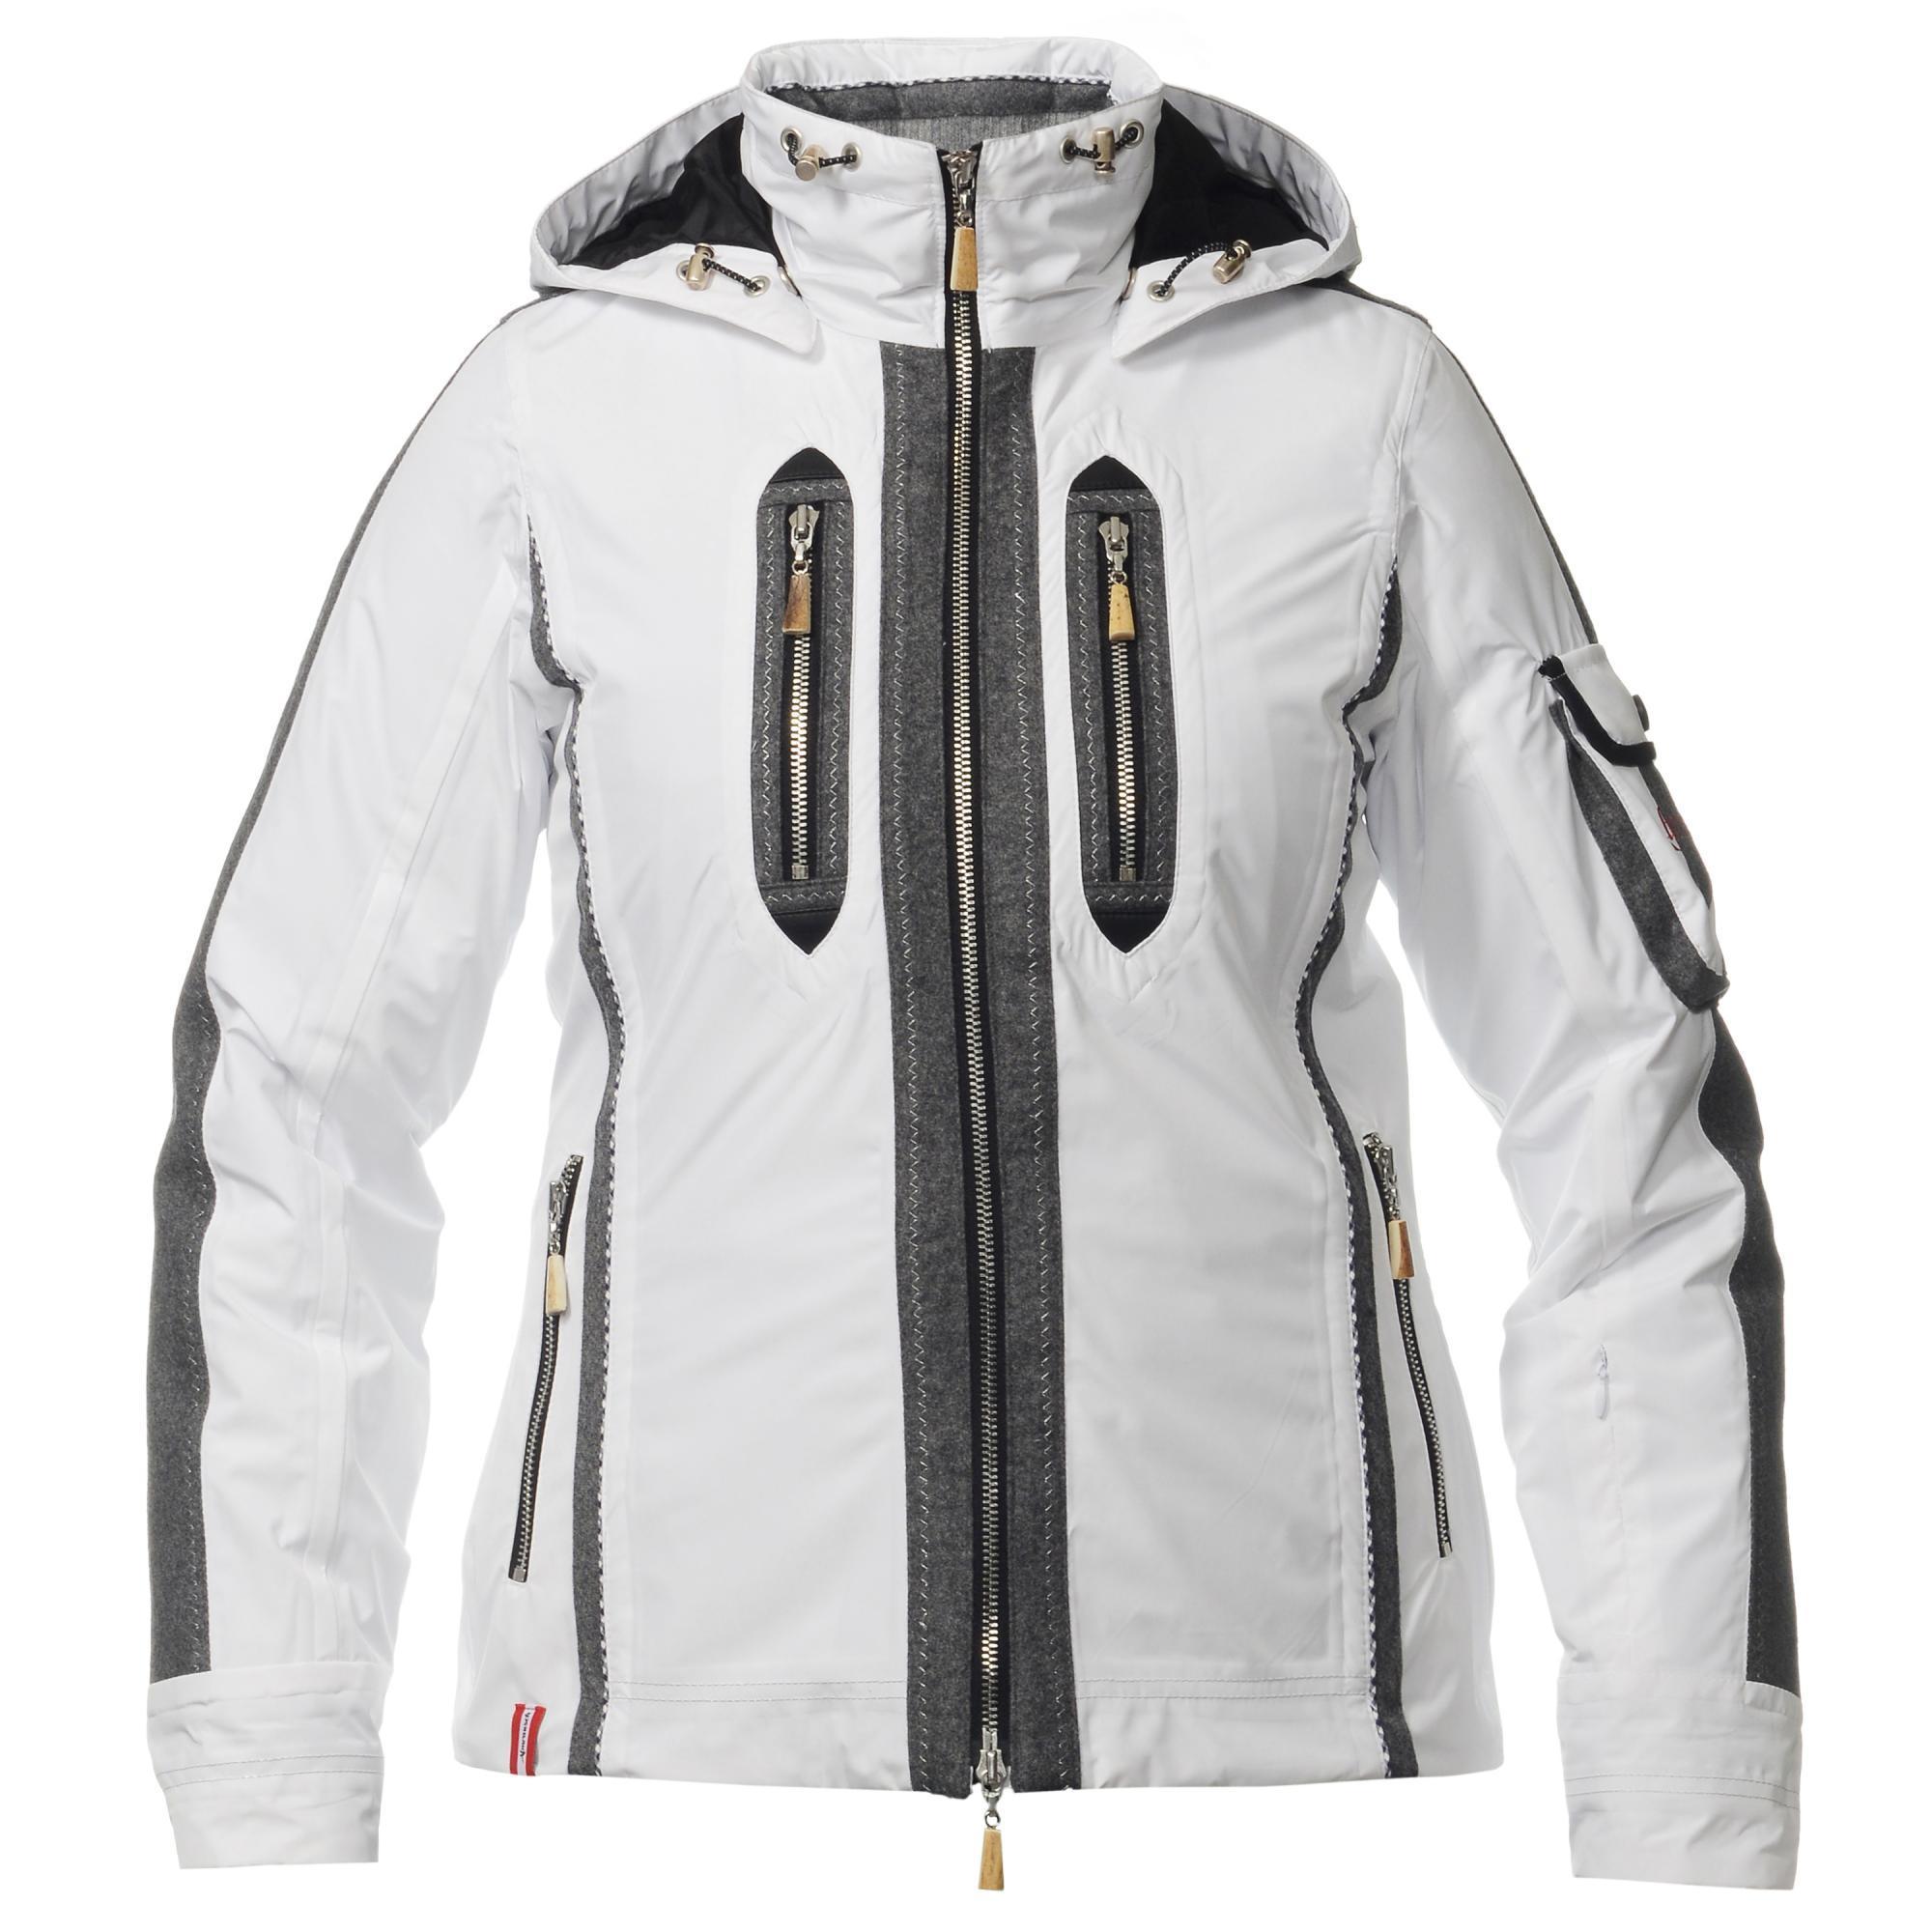 Женская горнолыжная куртка Almrausch Manning 320212-0105 белая фото